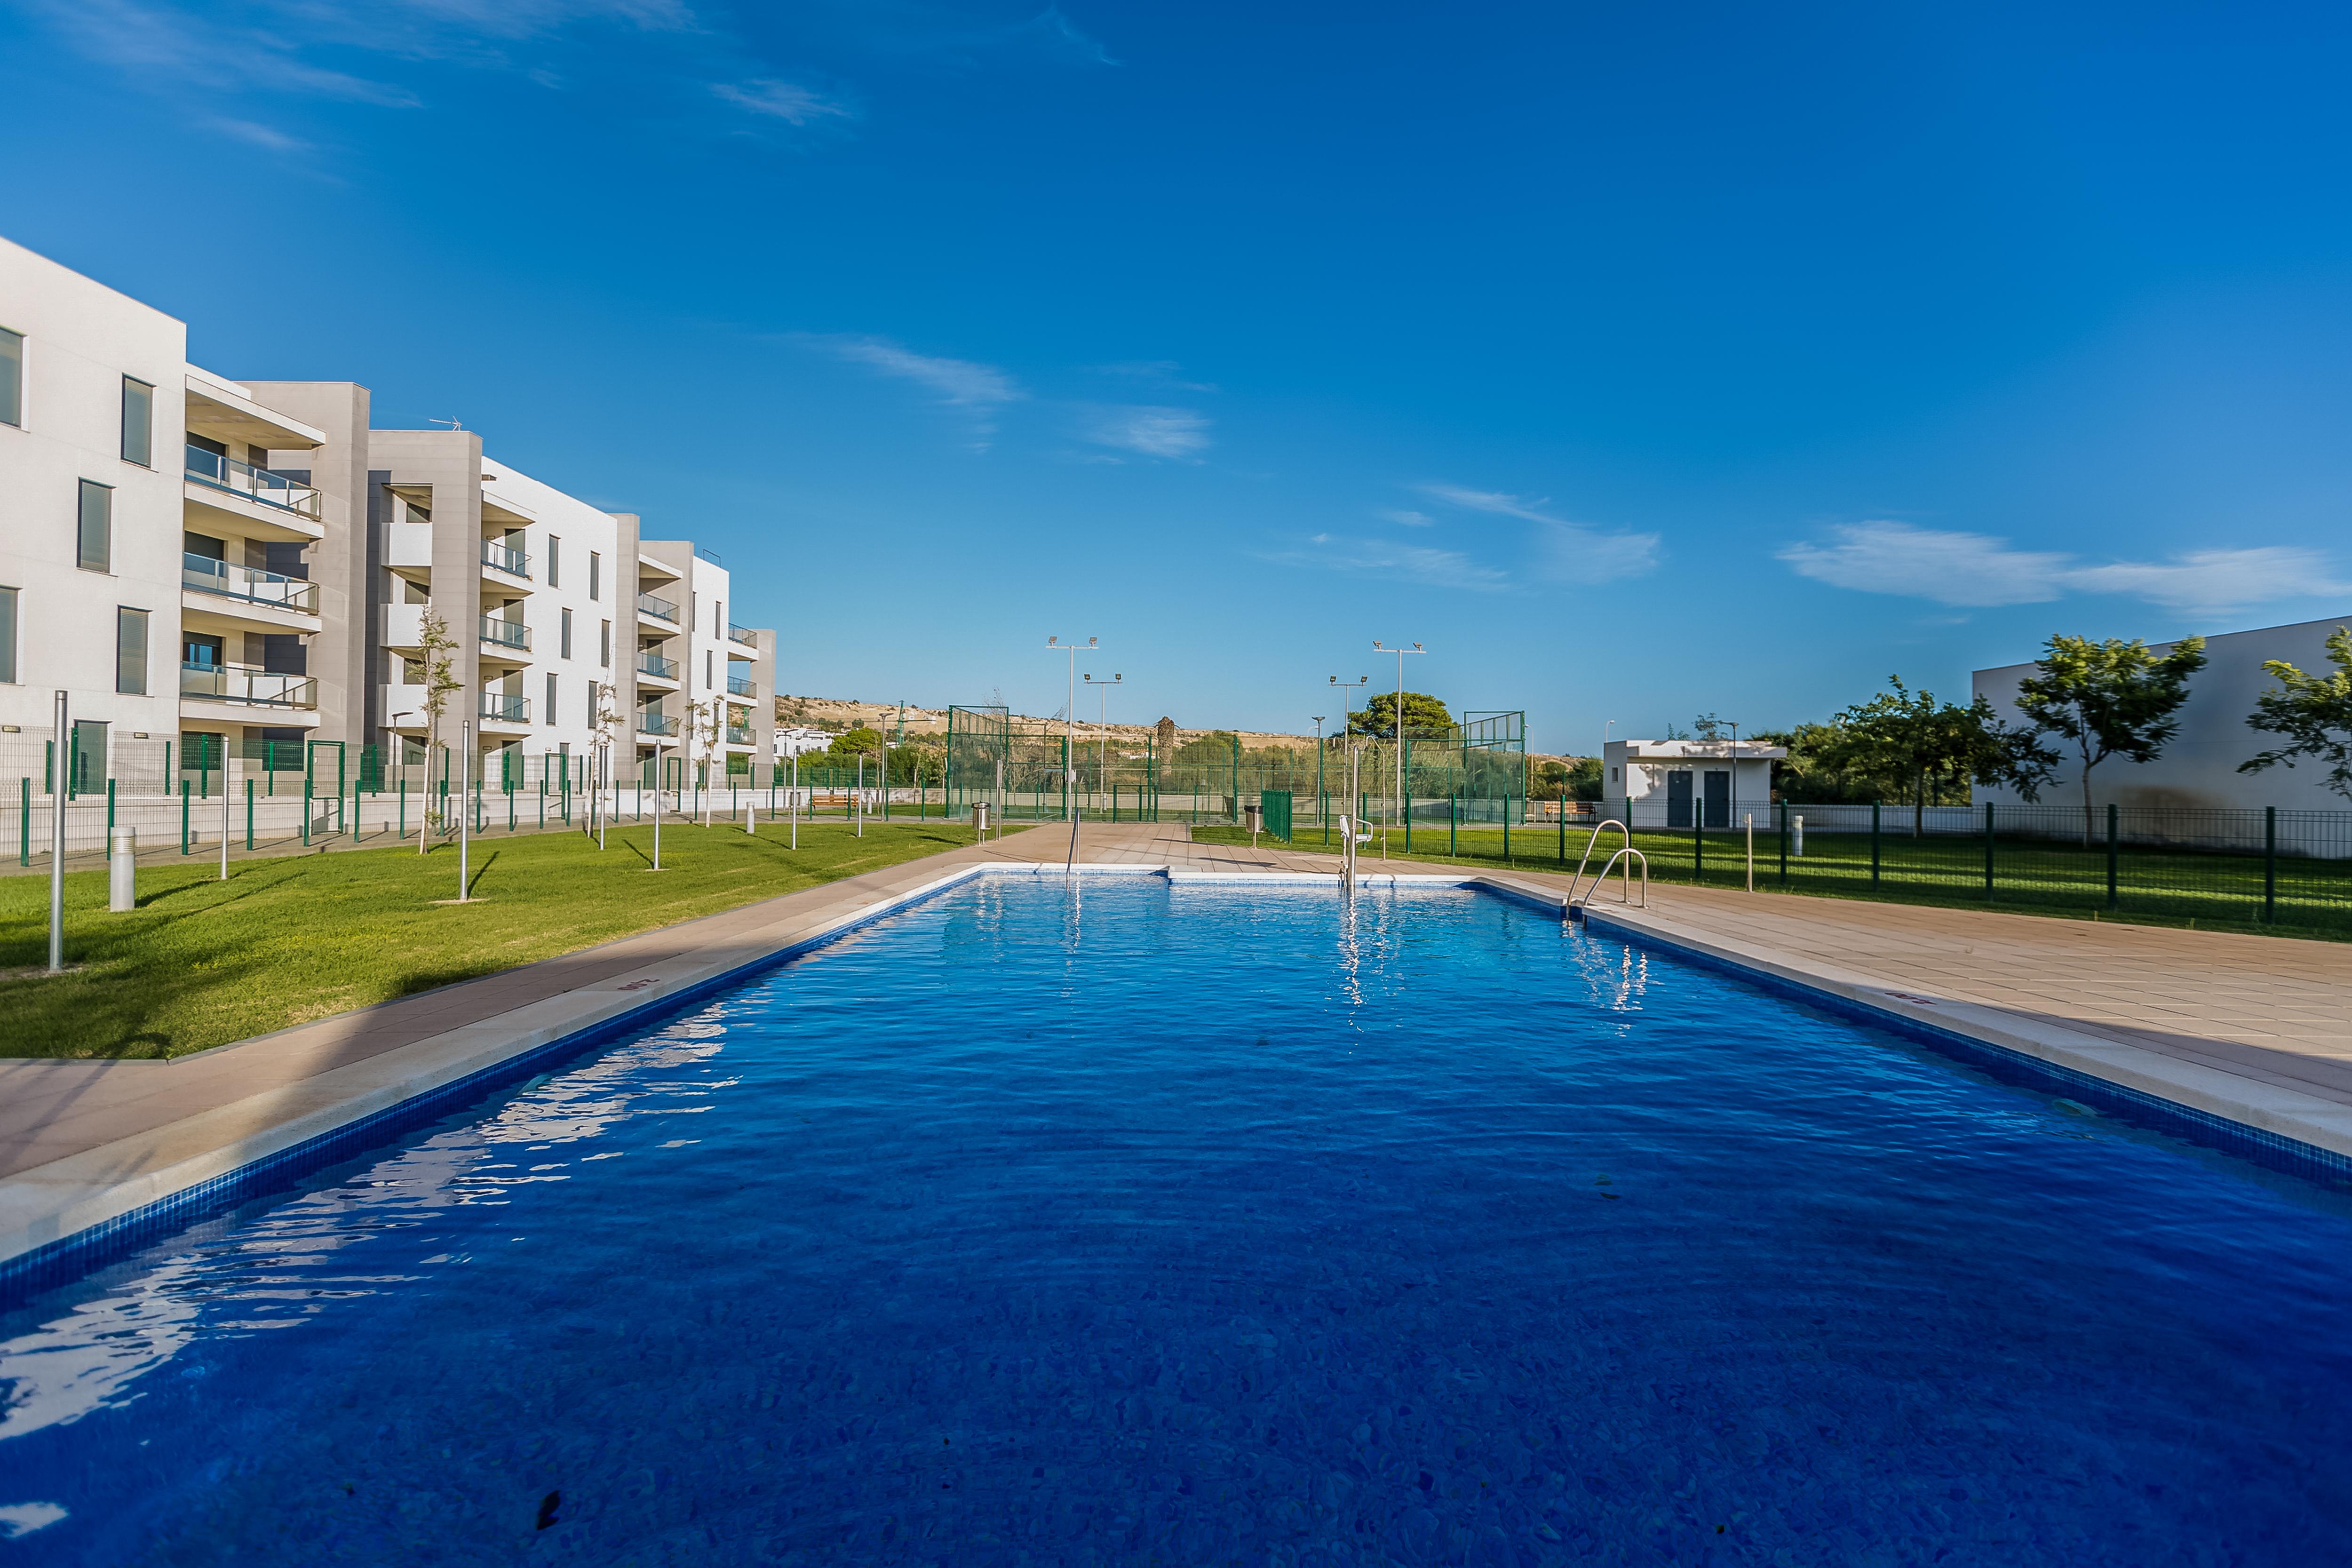 Piso en venta en Piso en El Ejido, Almería, 154.000 €, 3 habitaciones, 2 baños, 95 m2, Garaje